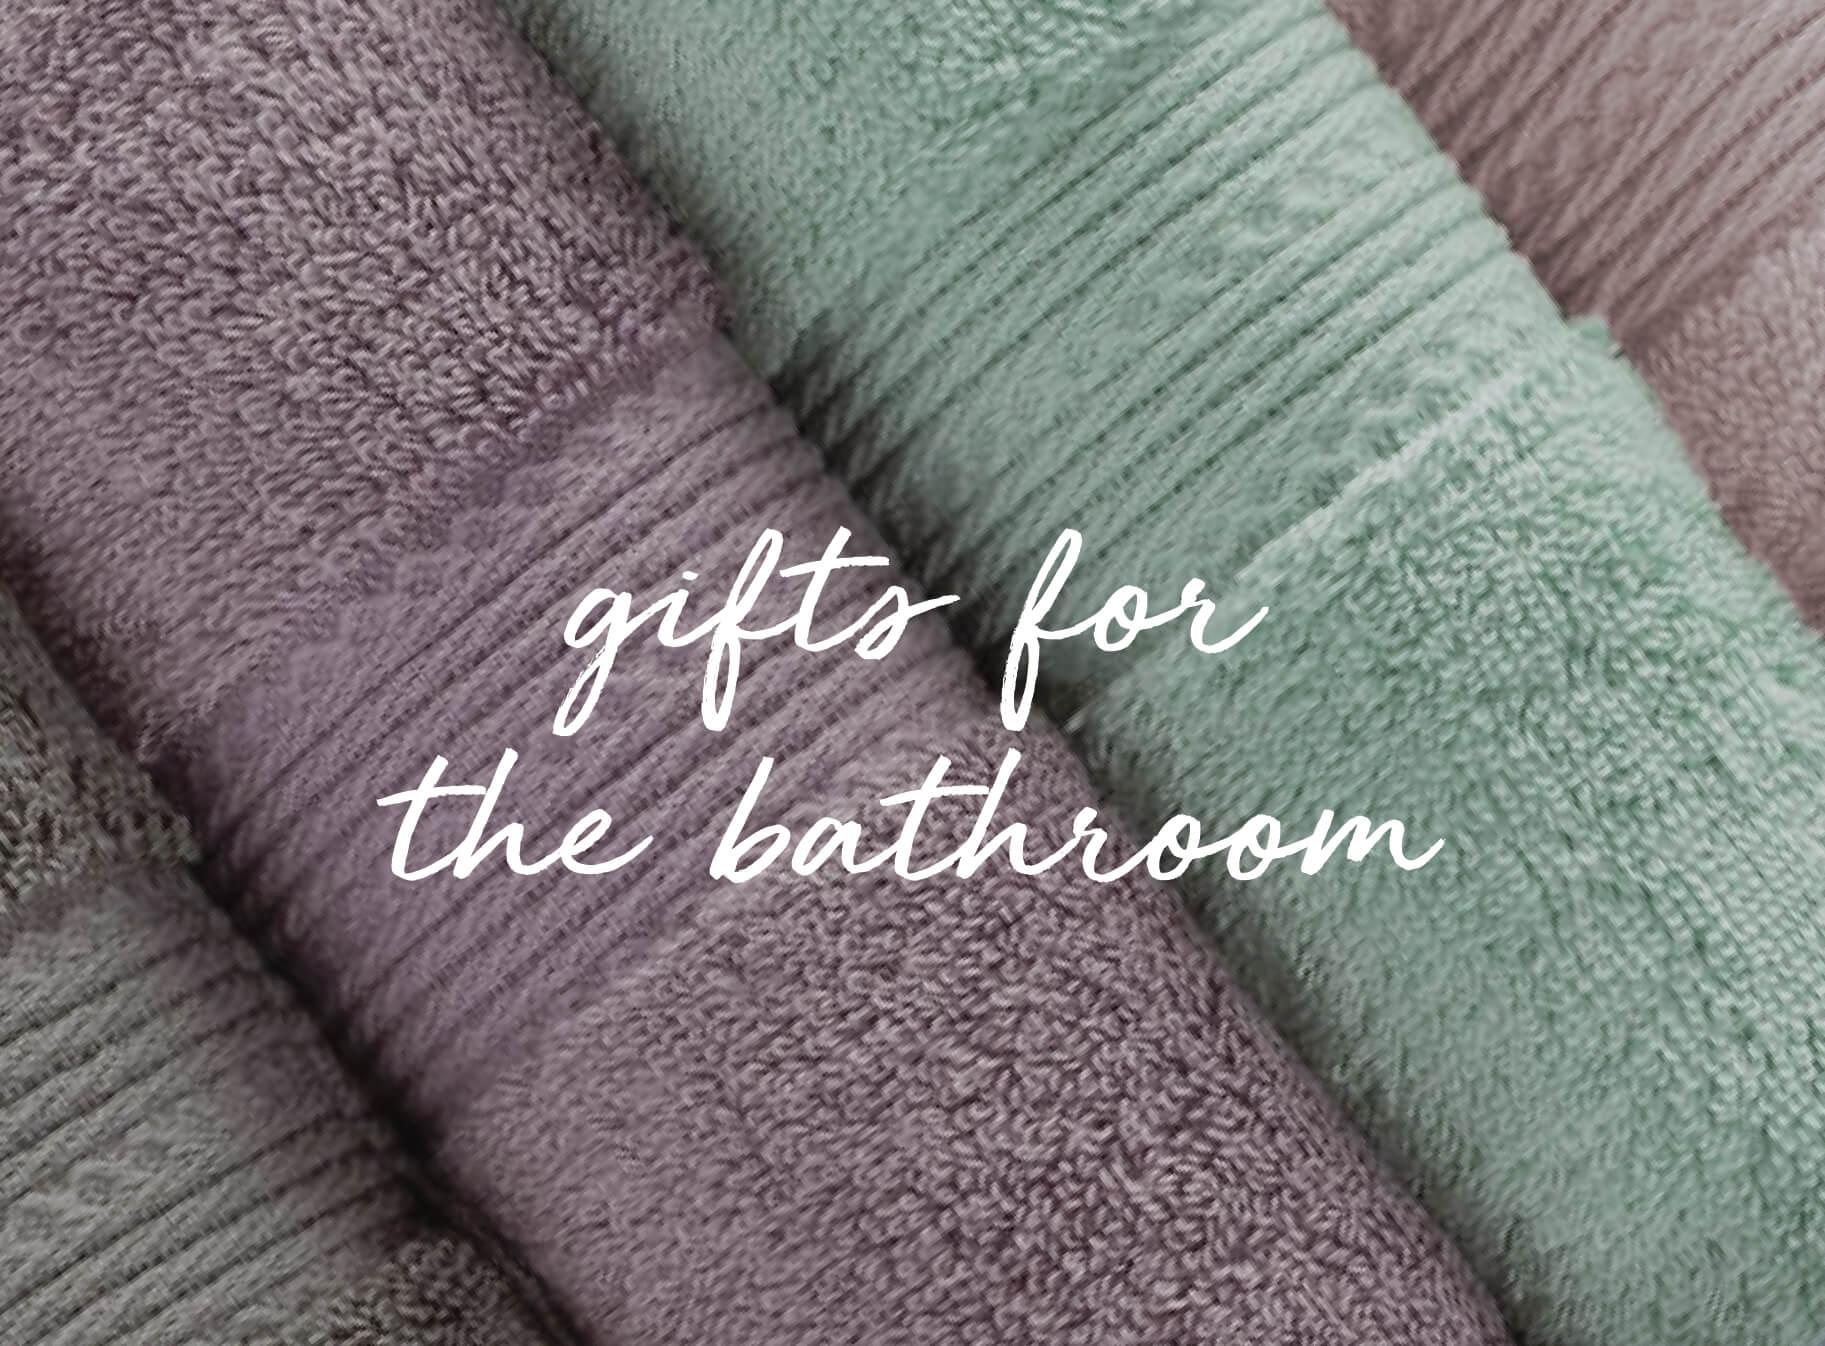 Bathroom Gifts